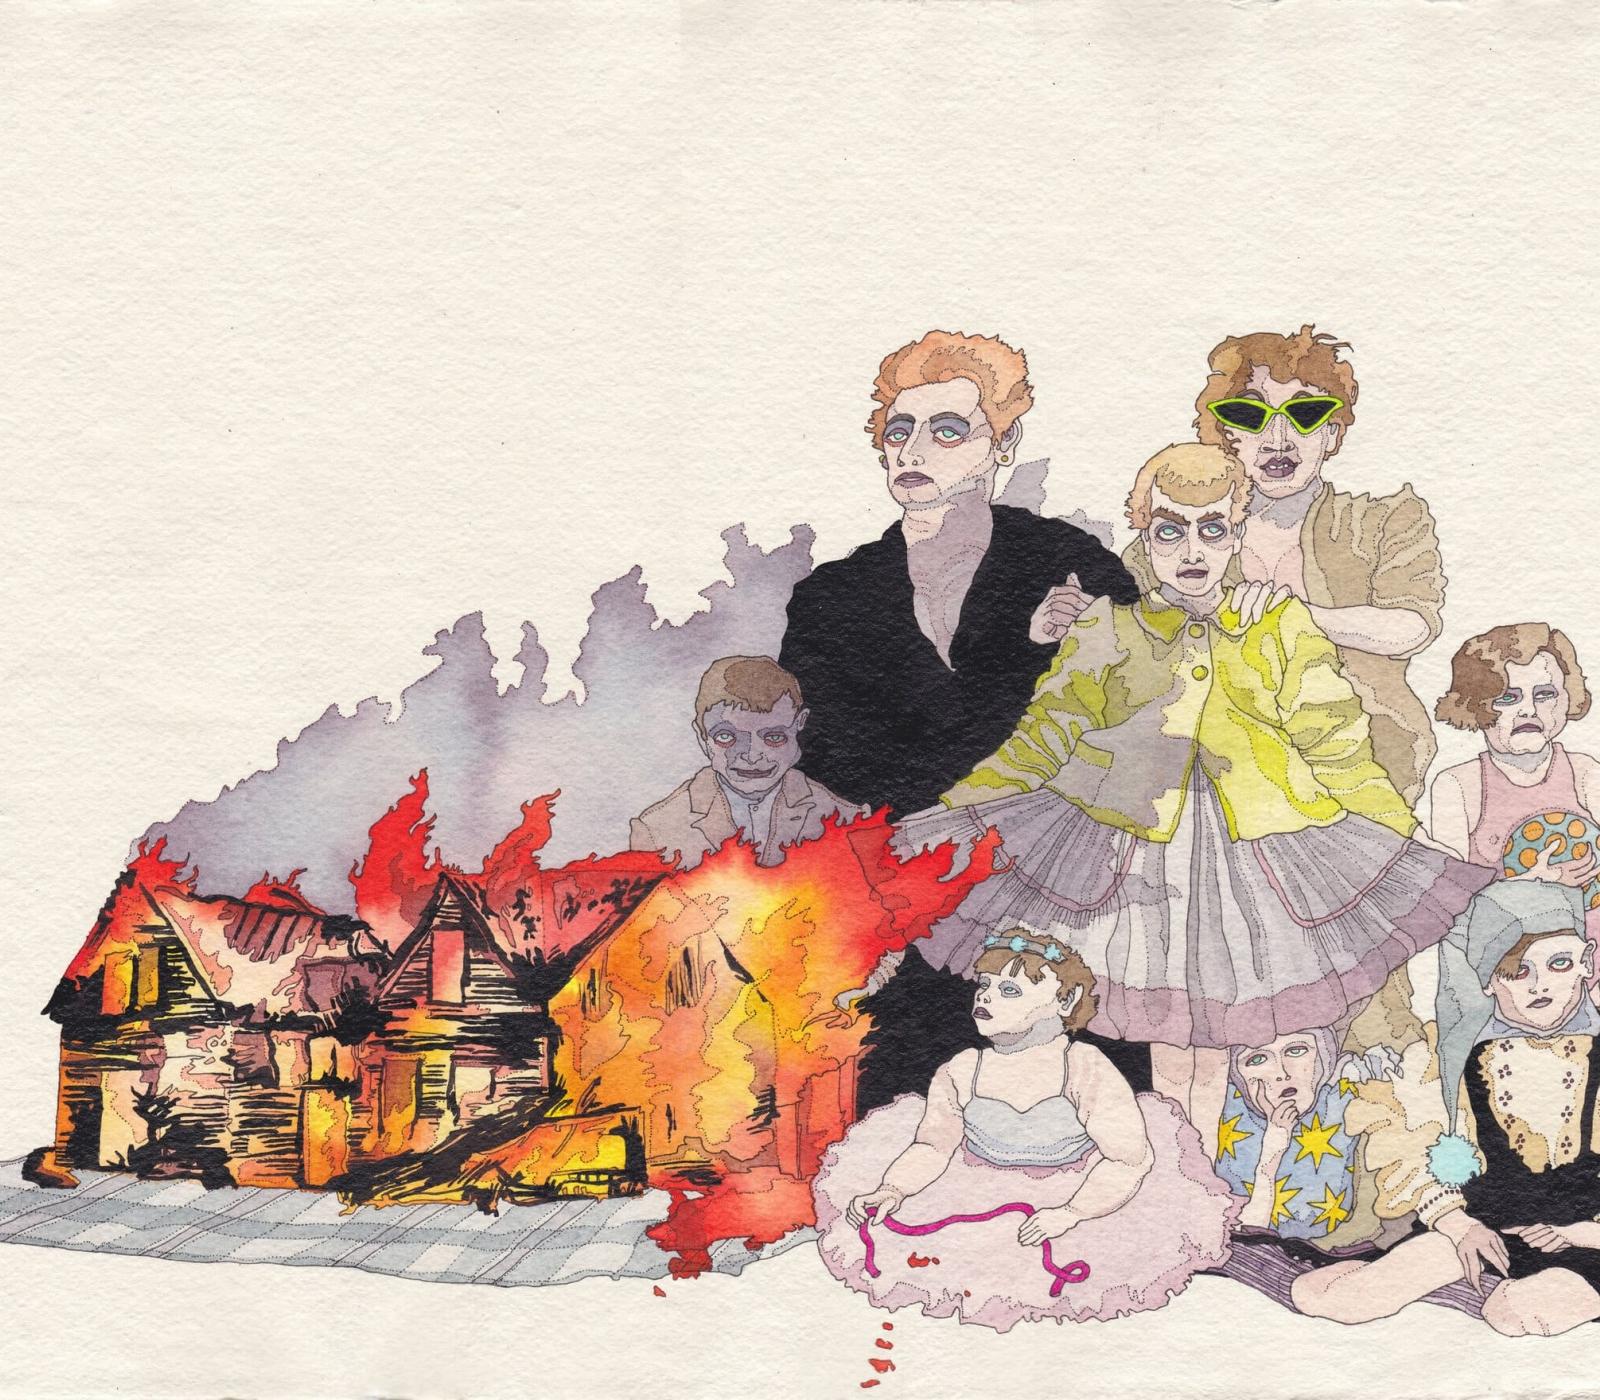 <b>Clément Bataille</b>, <em>Fire</em>, Encre et aquarelle sur papier recyclé, 2019 /40x29cm